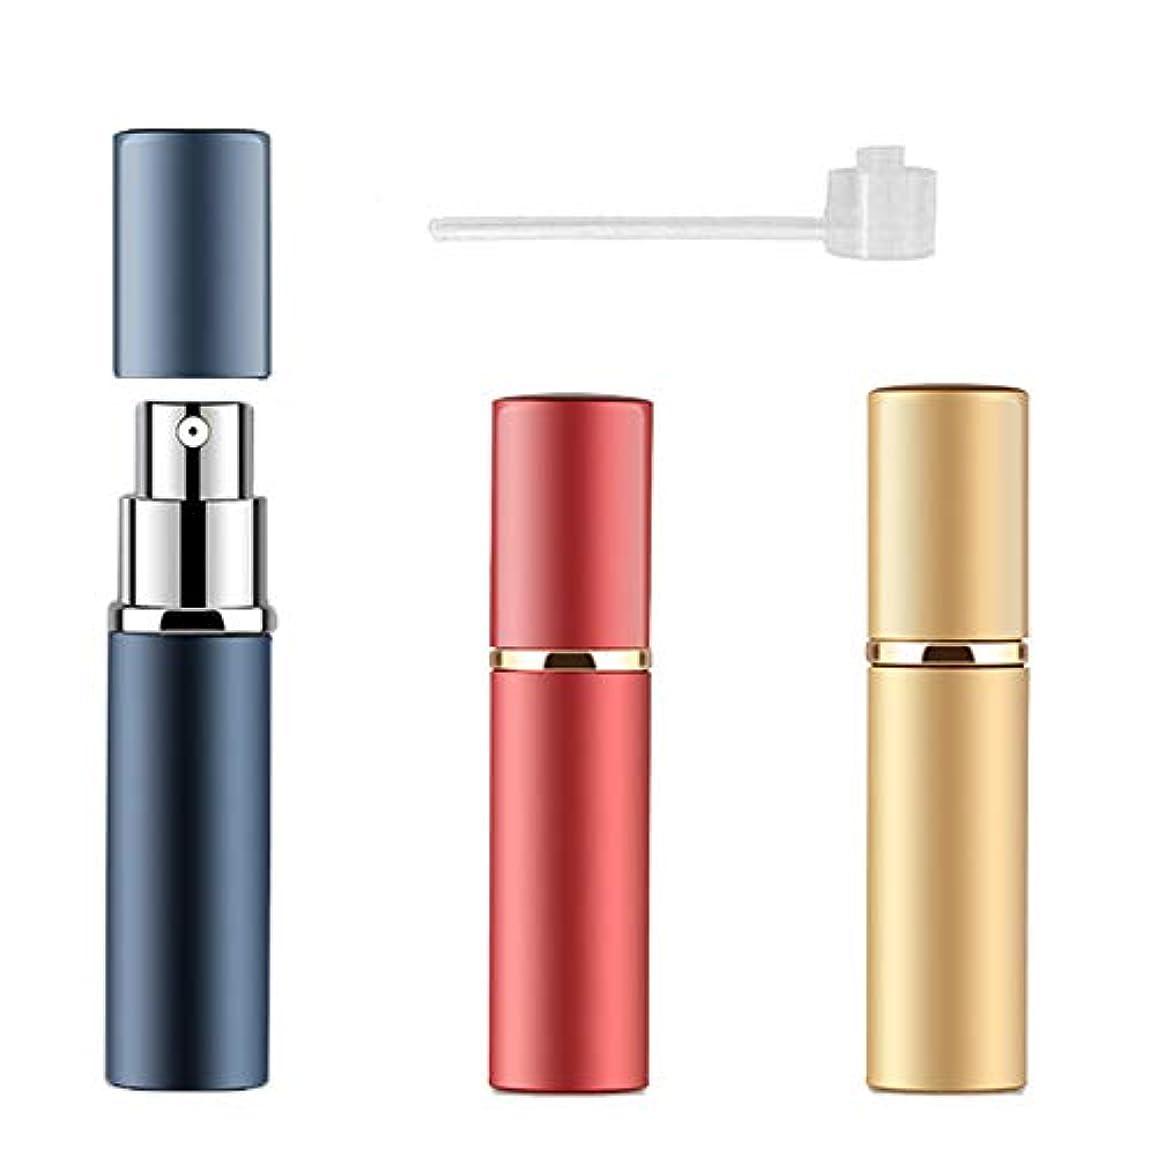 繁殖であるイサカアトマイザー 香水 詰め替え容器 スプレーボトル 小分けボトル トラベルボトル 旅行携帯便利 (3色セット)